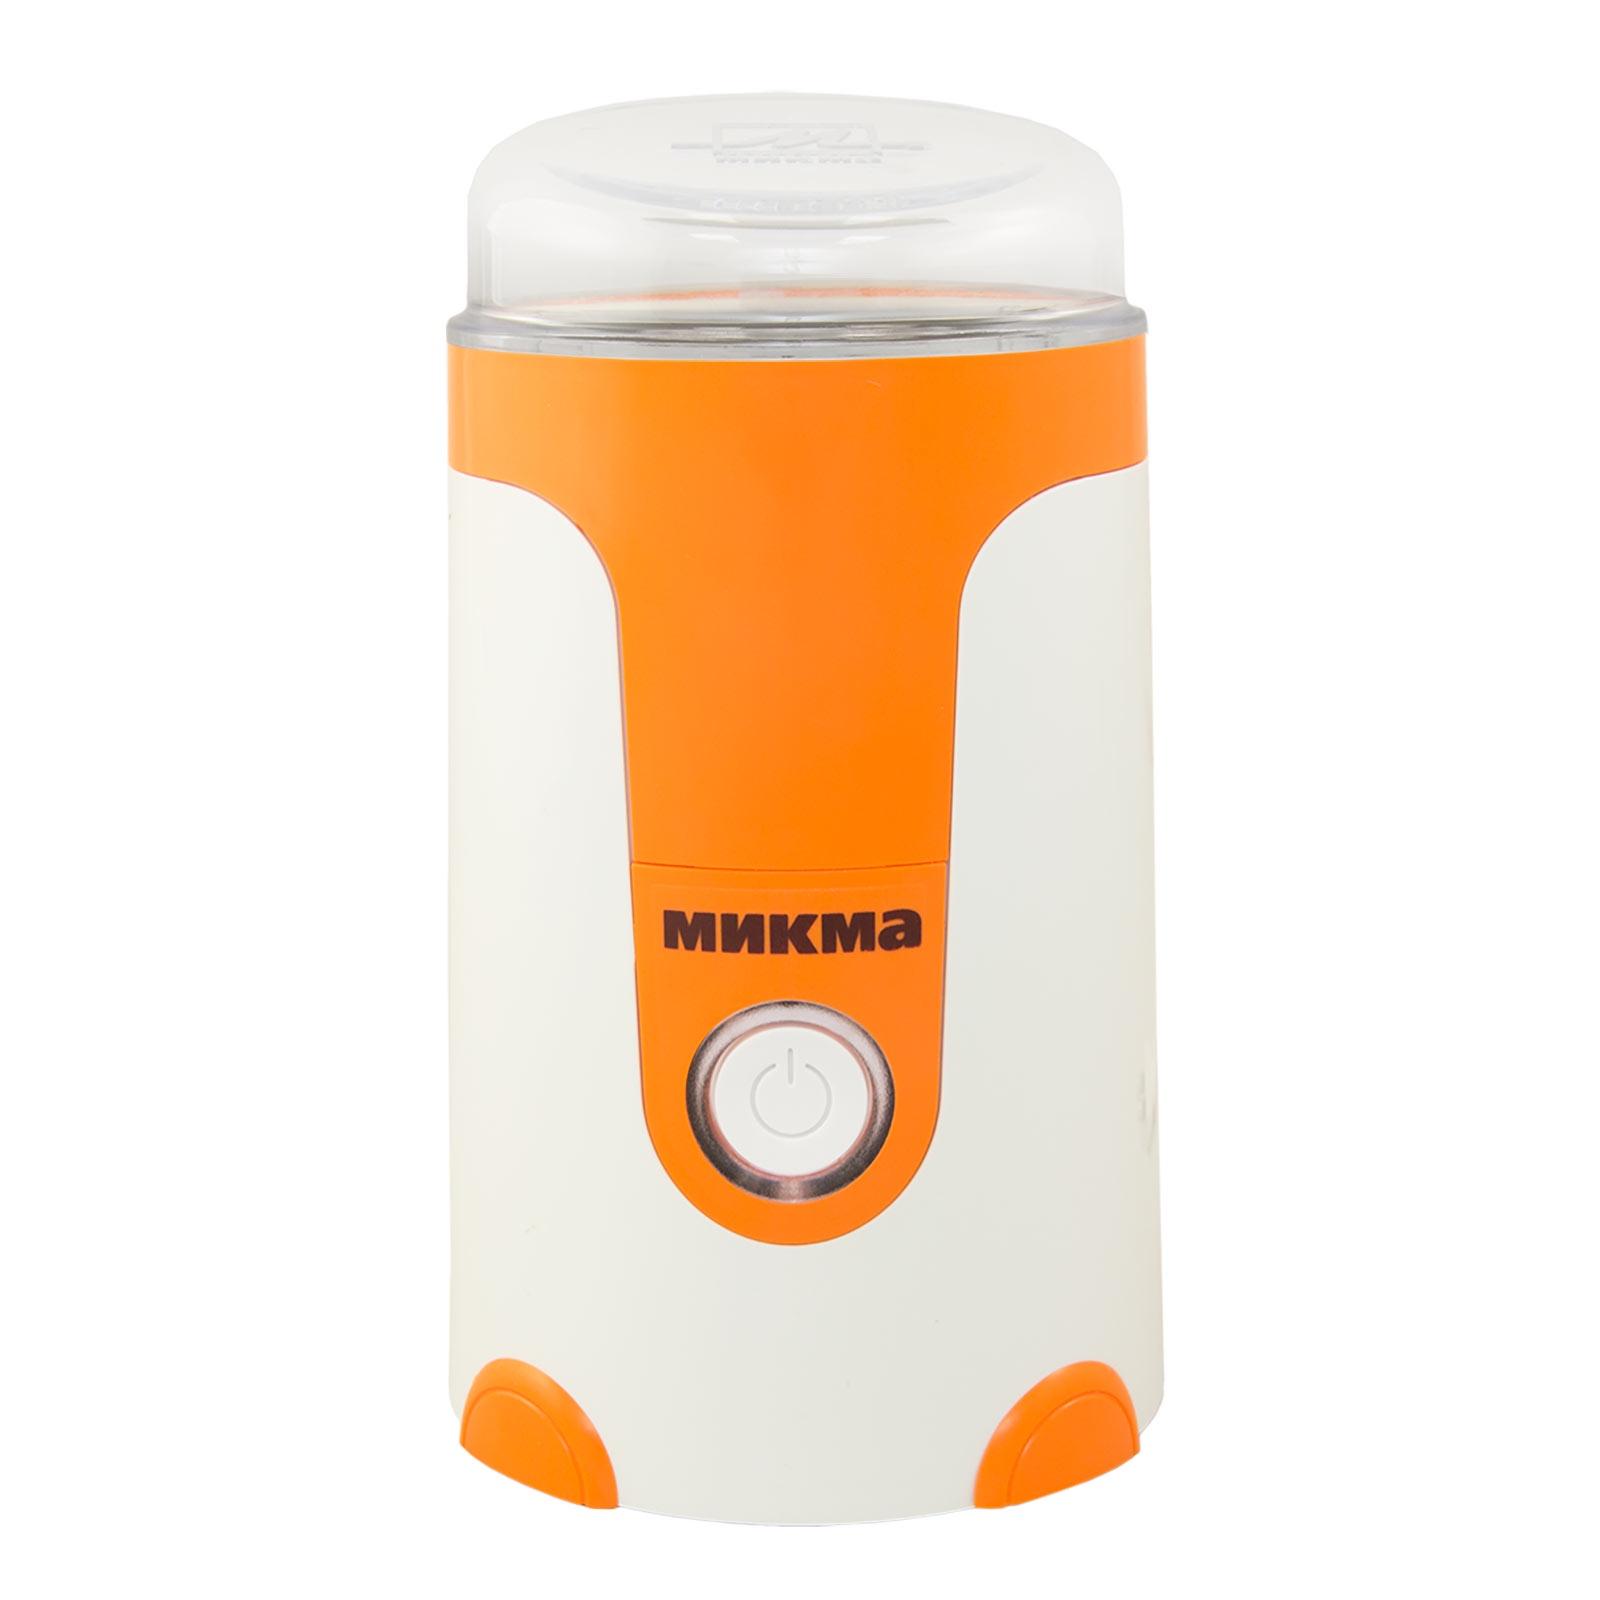 Кофемолка МИКМА Электрокофемолка ИП-33 белая с оранжевыми вставками, С176-26314